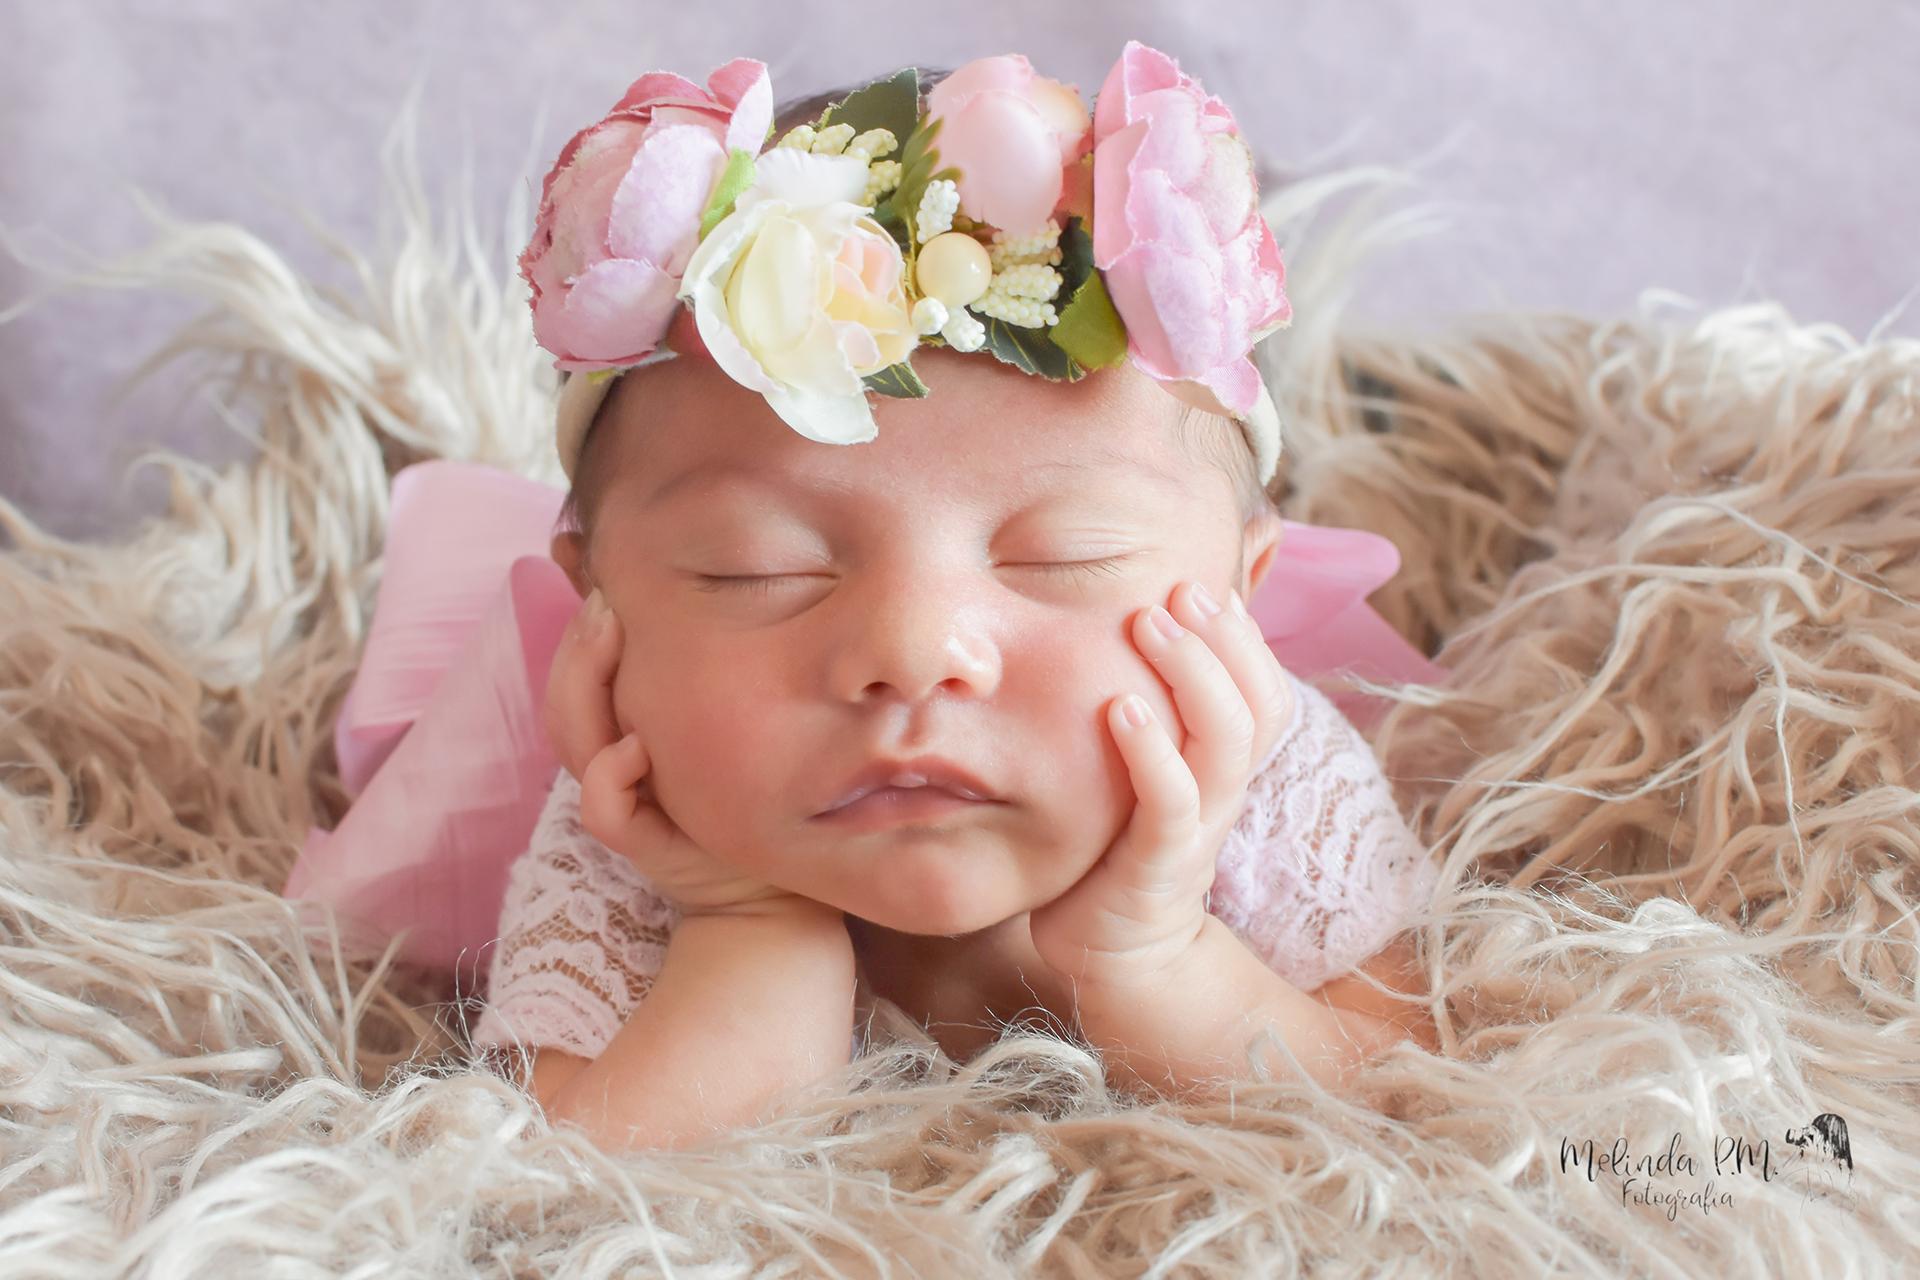 Fotografía de recién nacido en Zaragoza 25